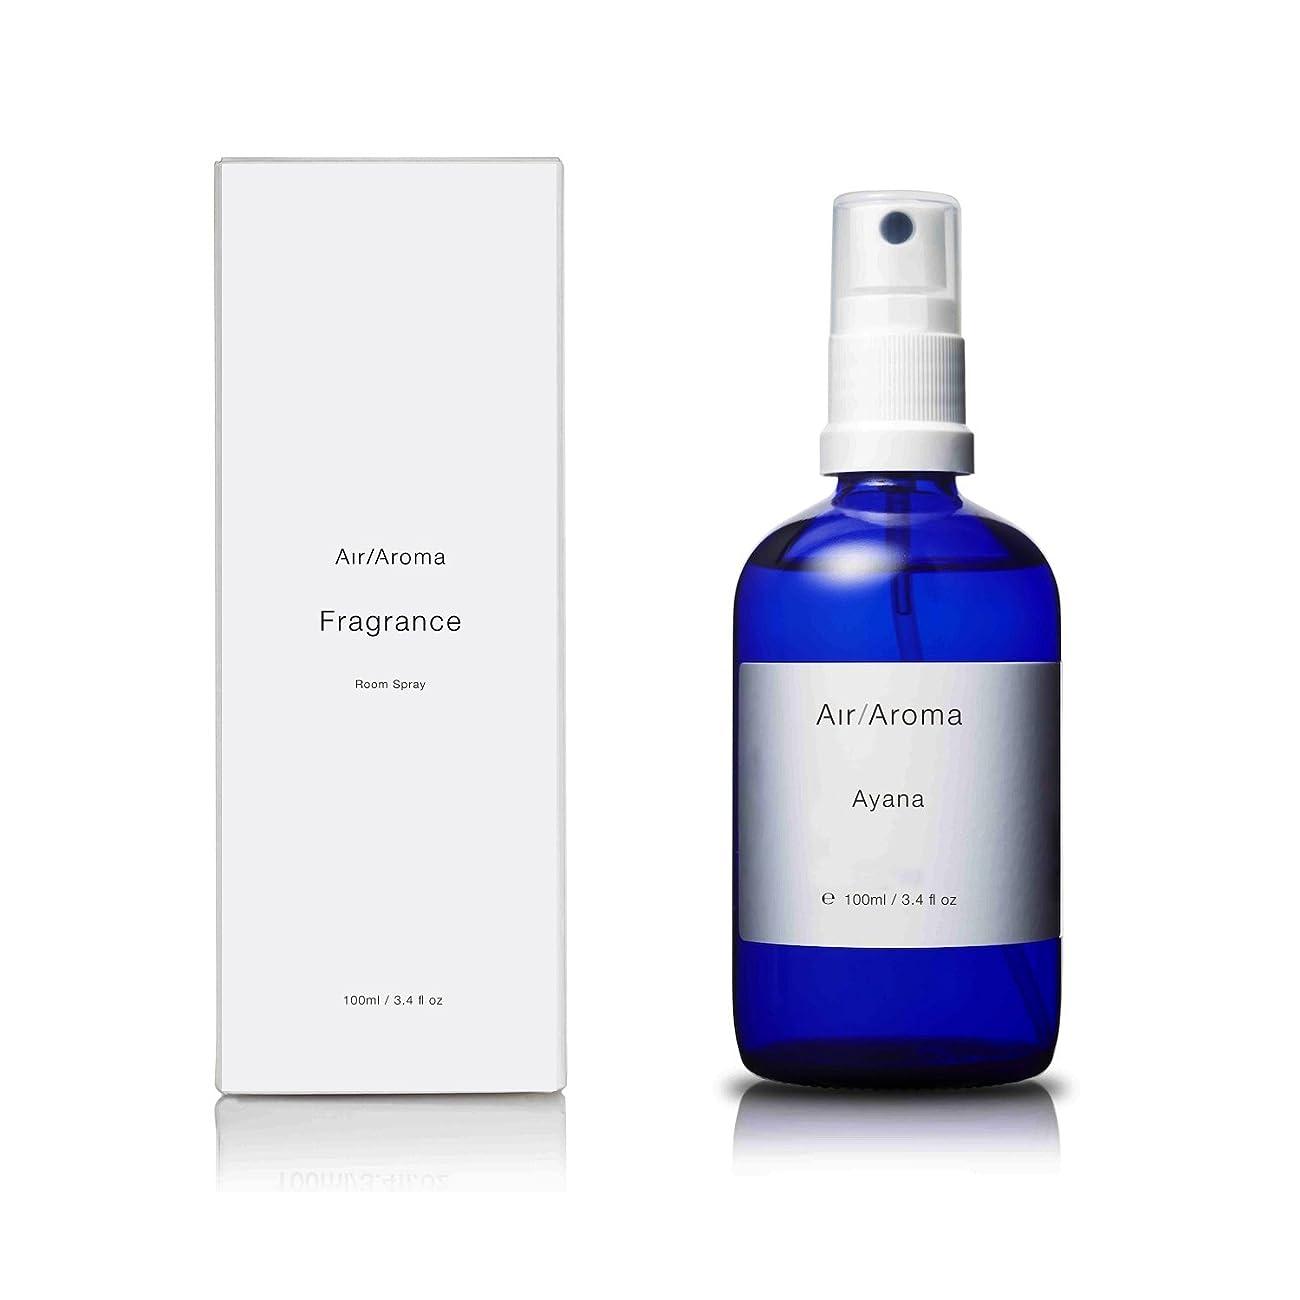 血まみれメッセンジャー責エアアロマ ayana room fragrance (アヤナ ルームフレグランス) 100ml